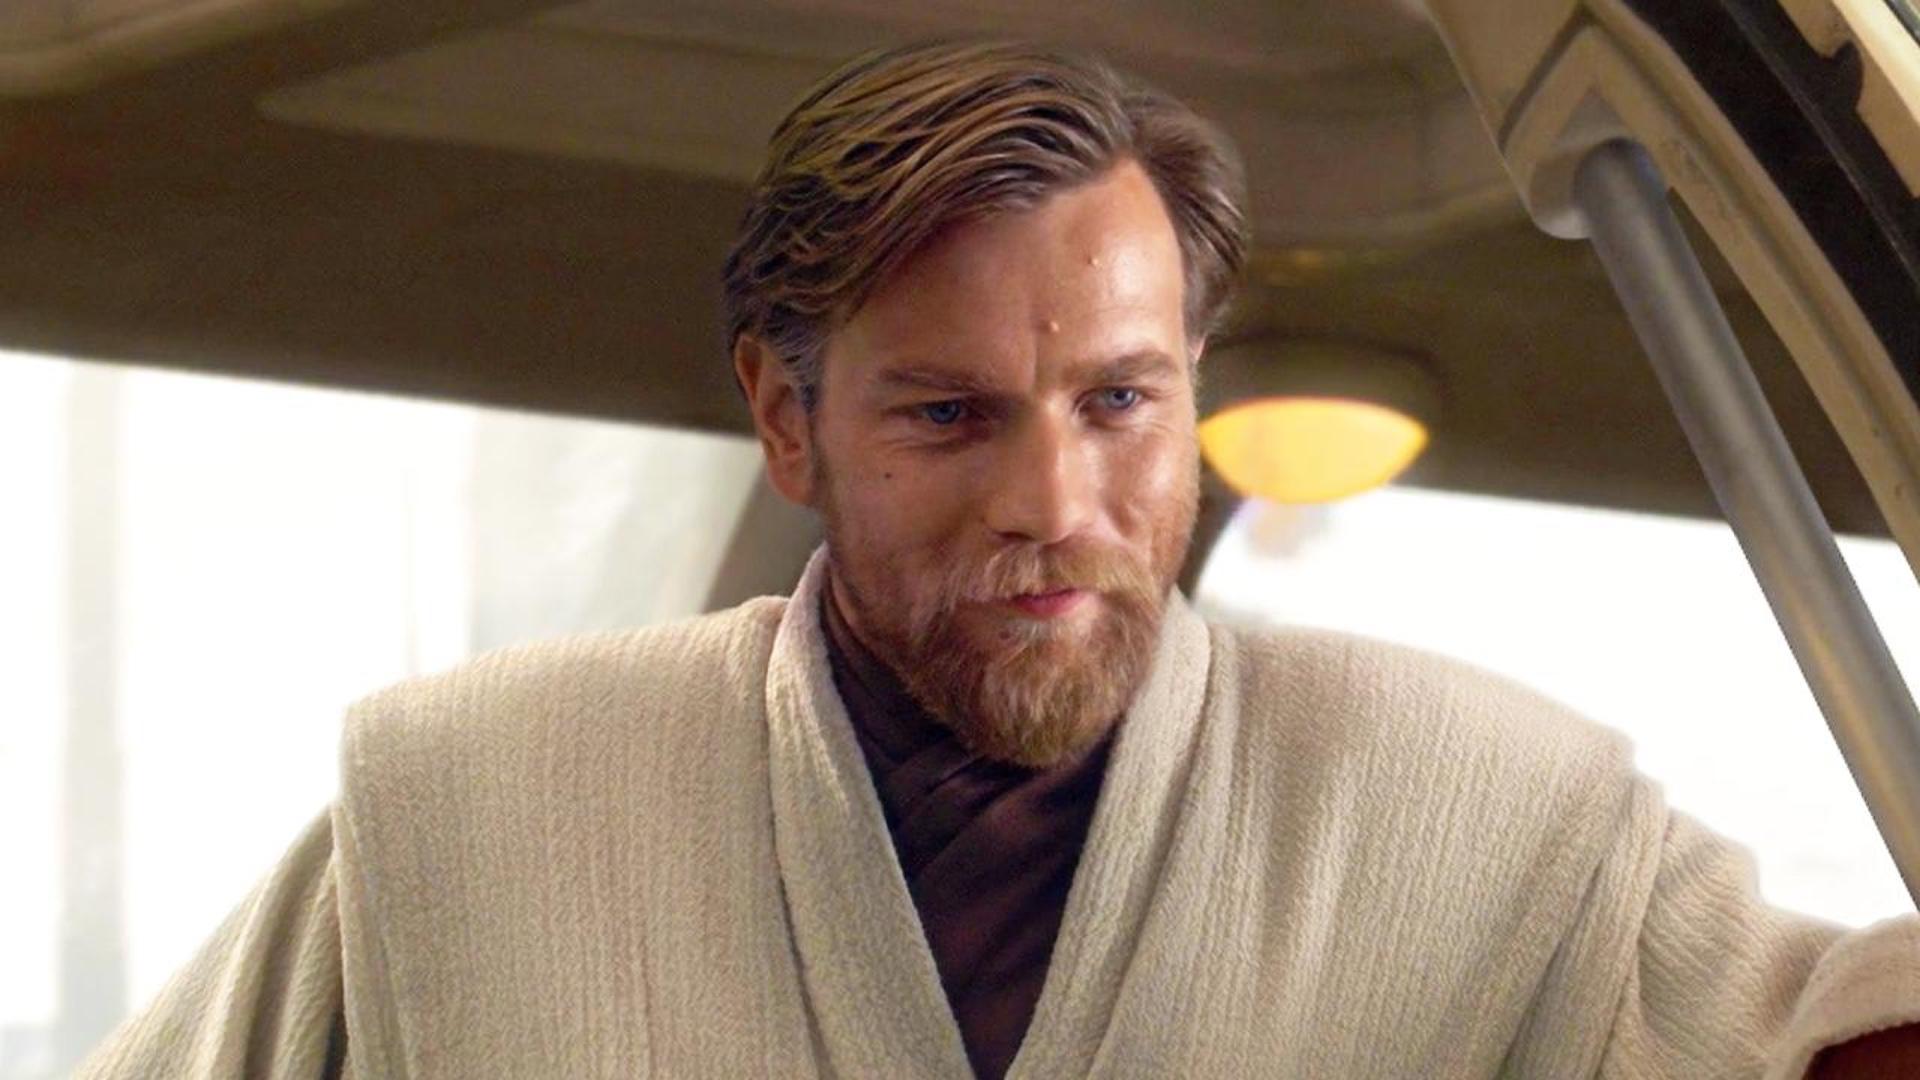 ewan-mcgregor-rumored-to-be-reprising-his-role-as-obi-wan-kenobi-in-star-wars-episode-ix-social.jpg